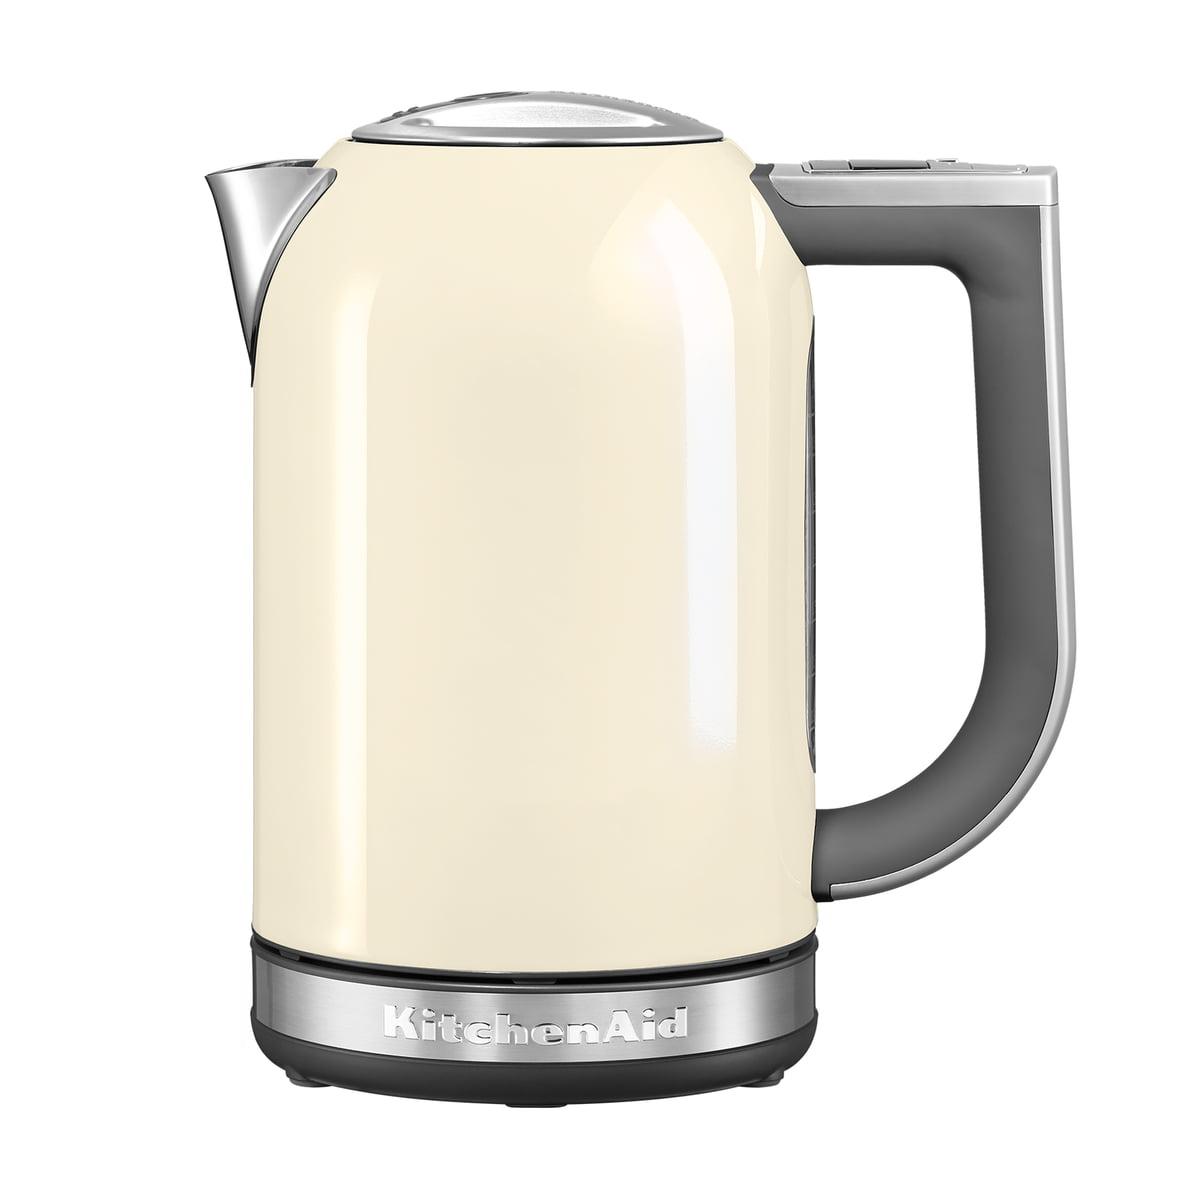 KitchenAid - Wasserkocher 1,7 l (5KEK1722), crème